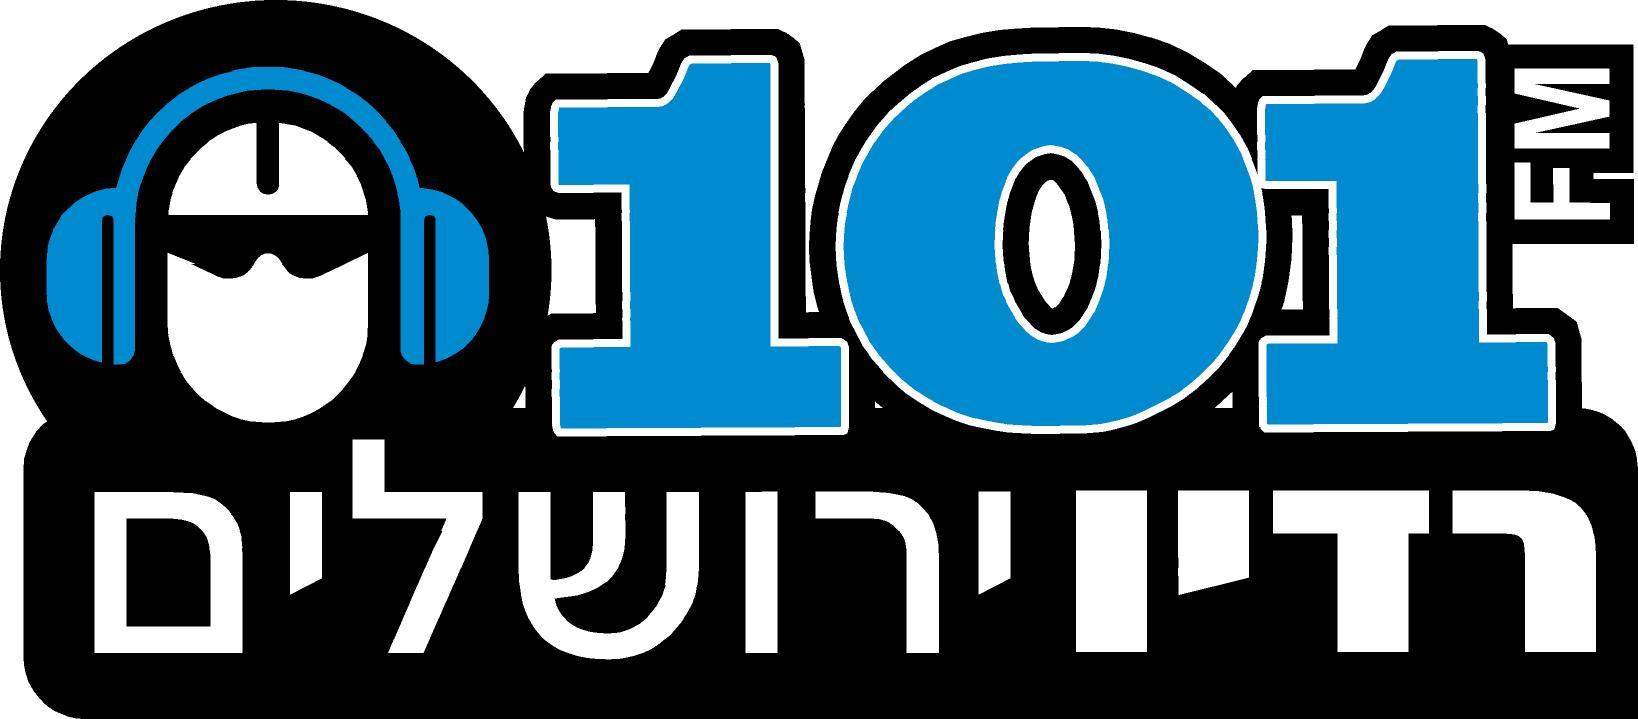 הפיראטים - ראיון ברדיו ירושלים - 7.12.2012